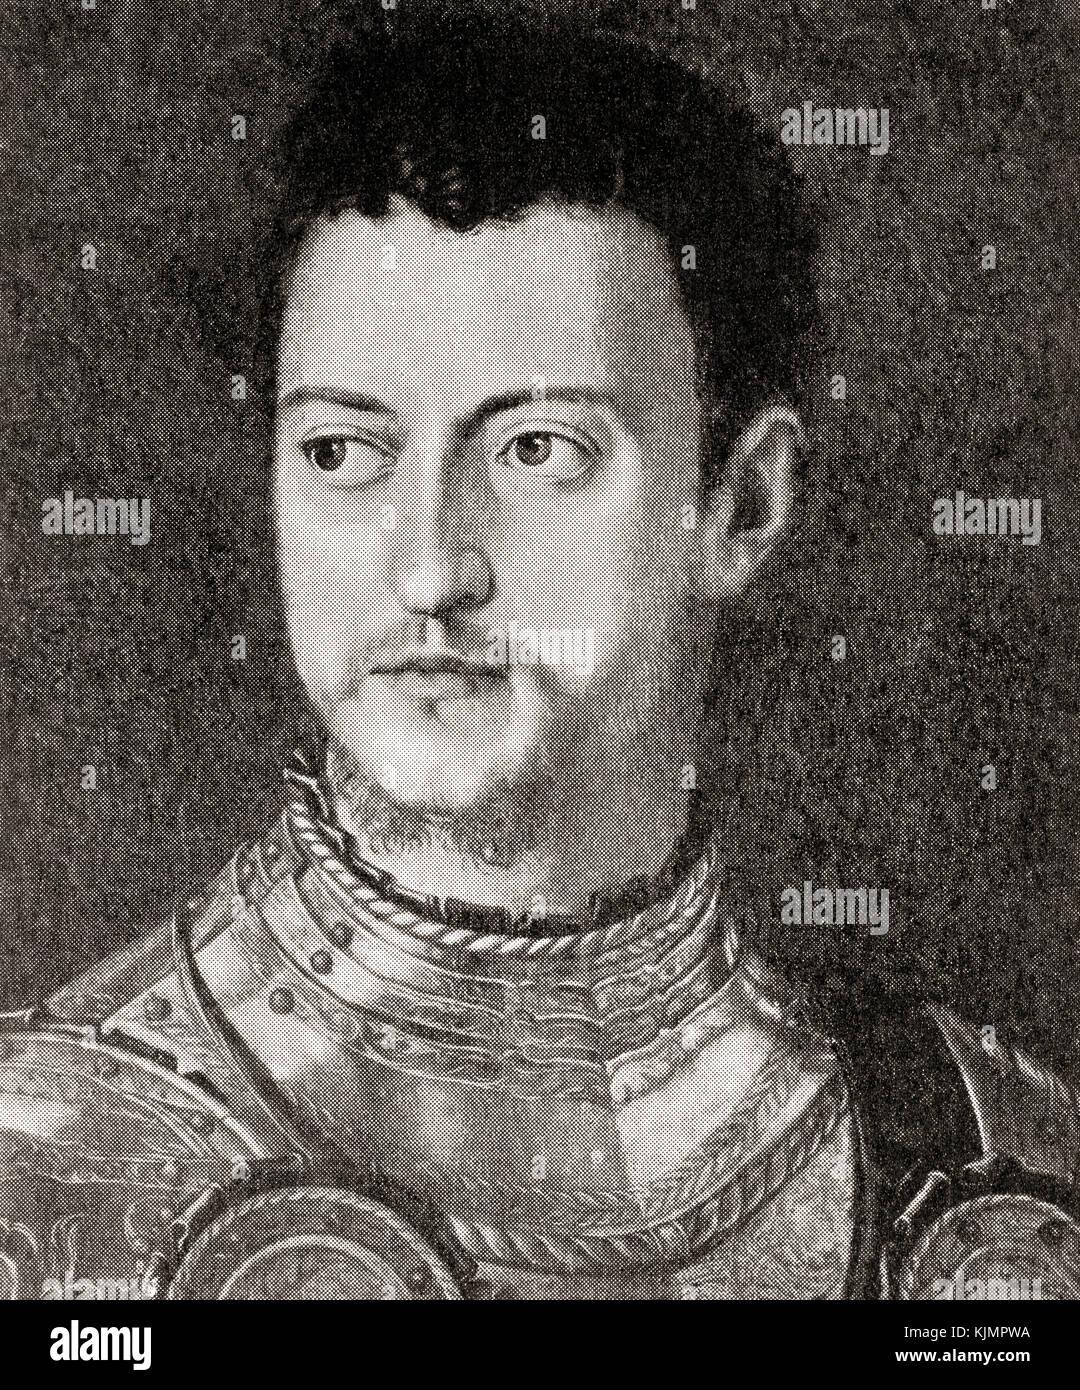 Cosimo di Giovanni de' Medici called 'the Elder', 1389 – 1464.  Italian banker and politician.  From - Stock Image